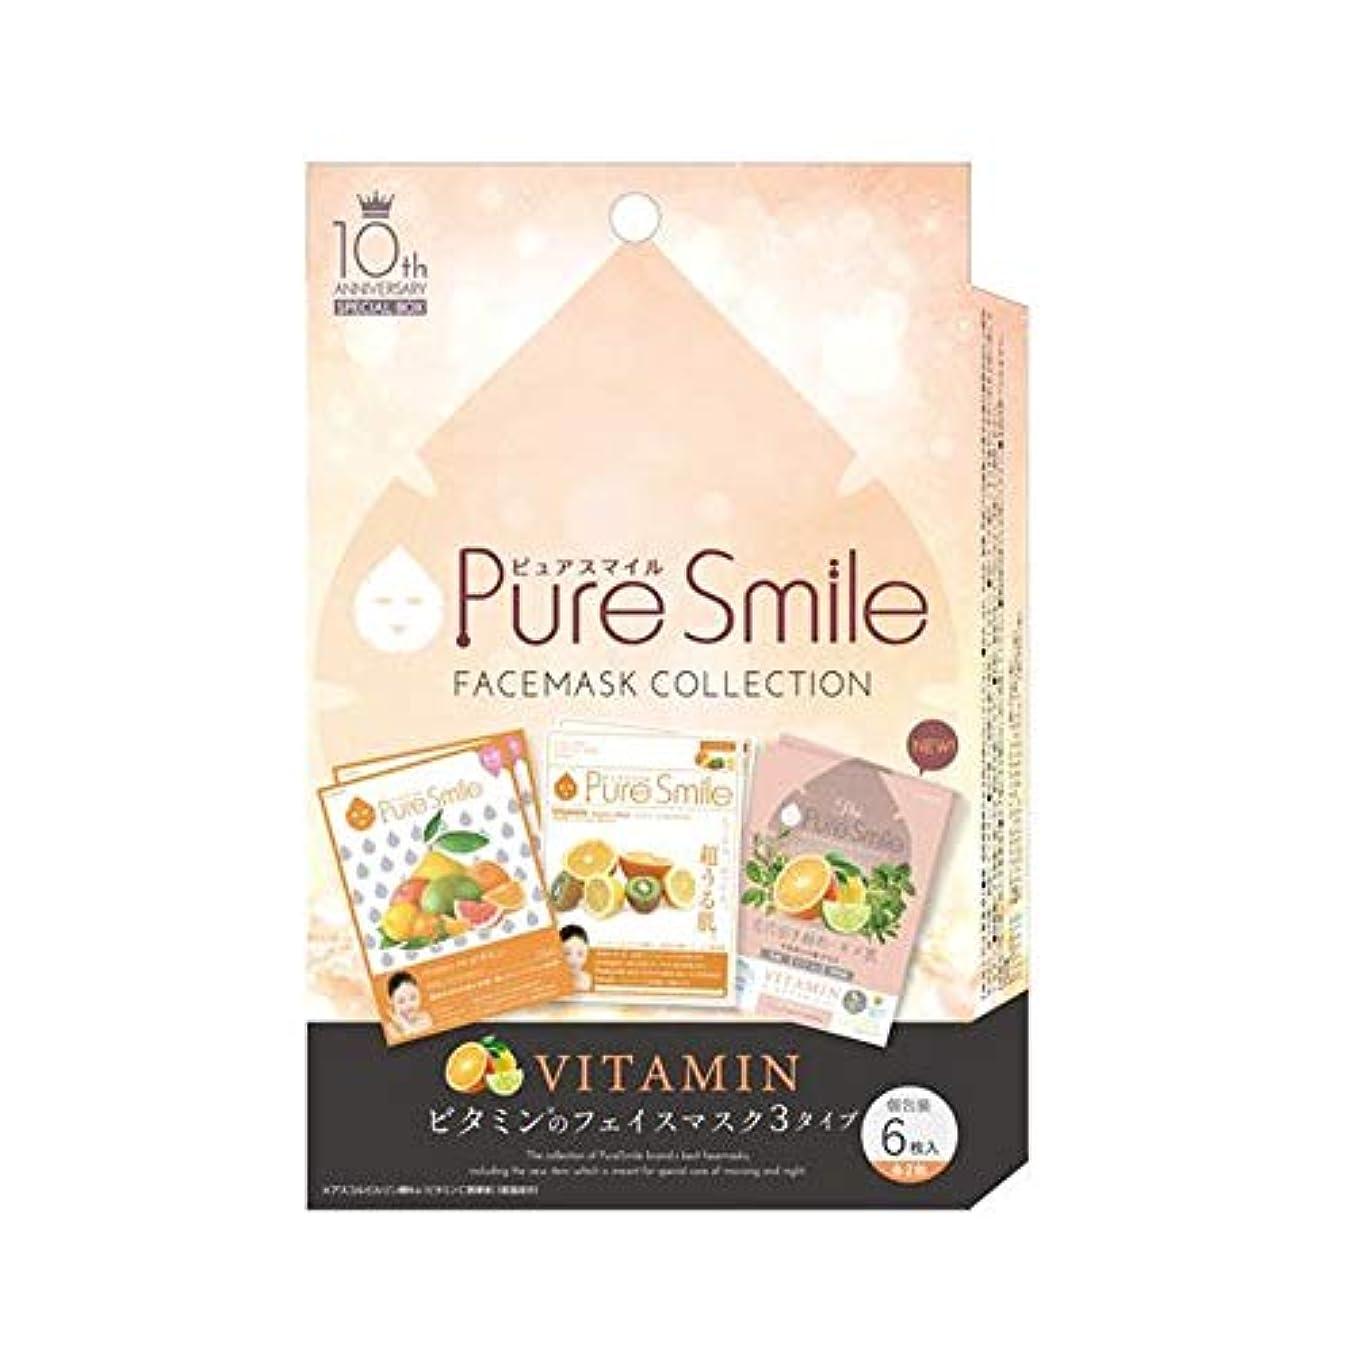 うまくやる()塗抹刺激するピュア スマイル Pure Smile 10thアニバーサリー スペシャルボックス ビタミン 6枚入り